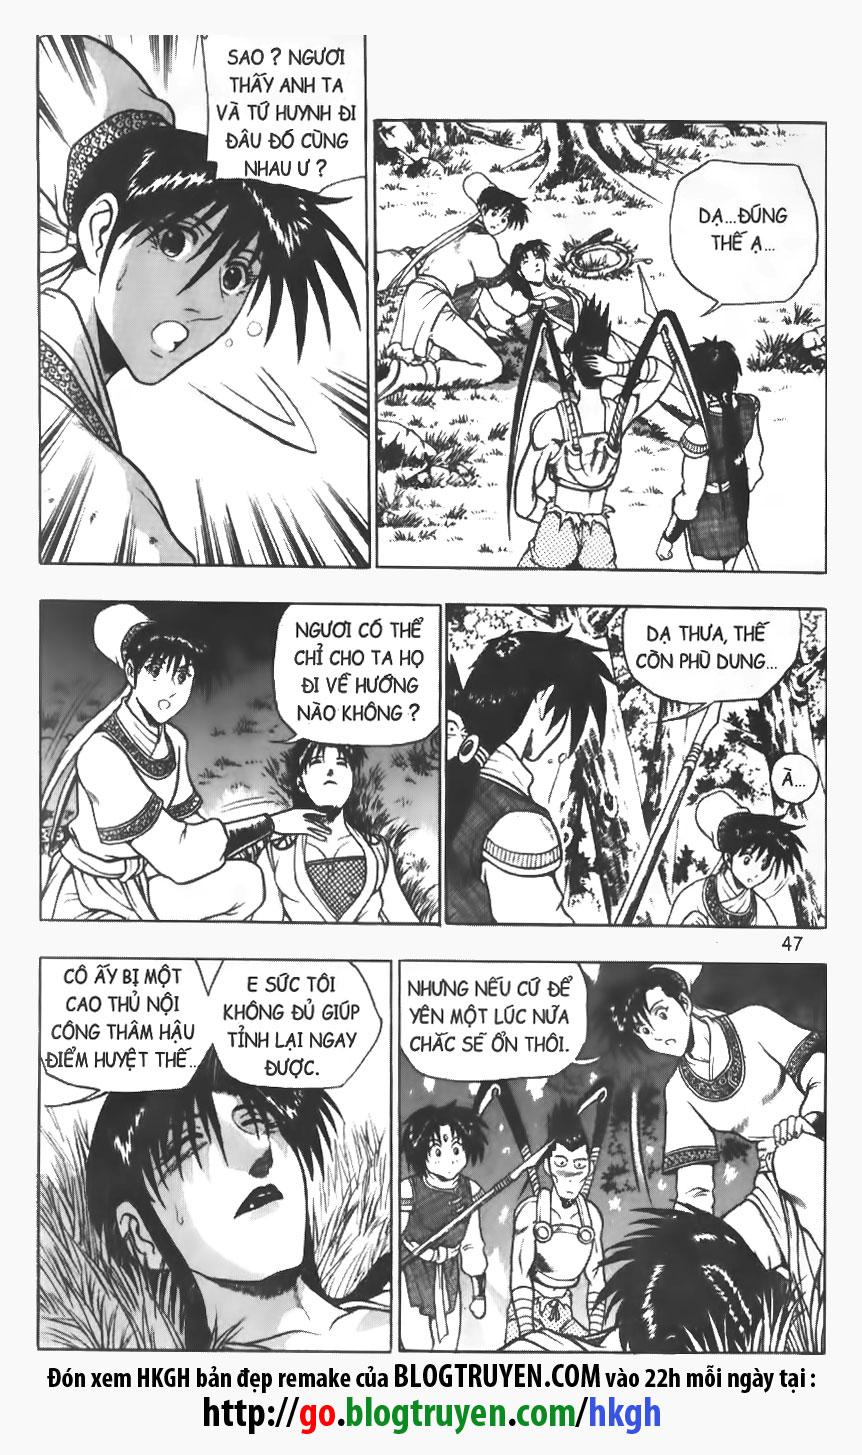 xem truyen moi - Hiệp Khách Giang Hồ Vol15 - Chap 098 - Remake